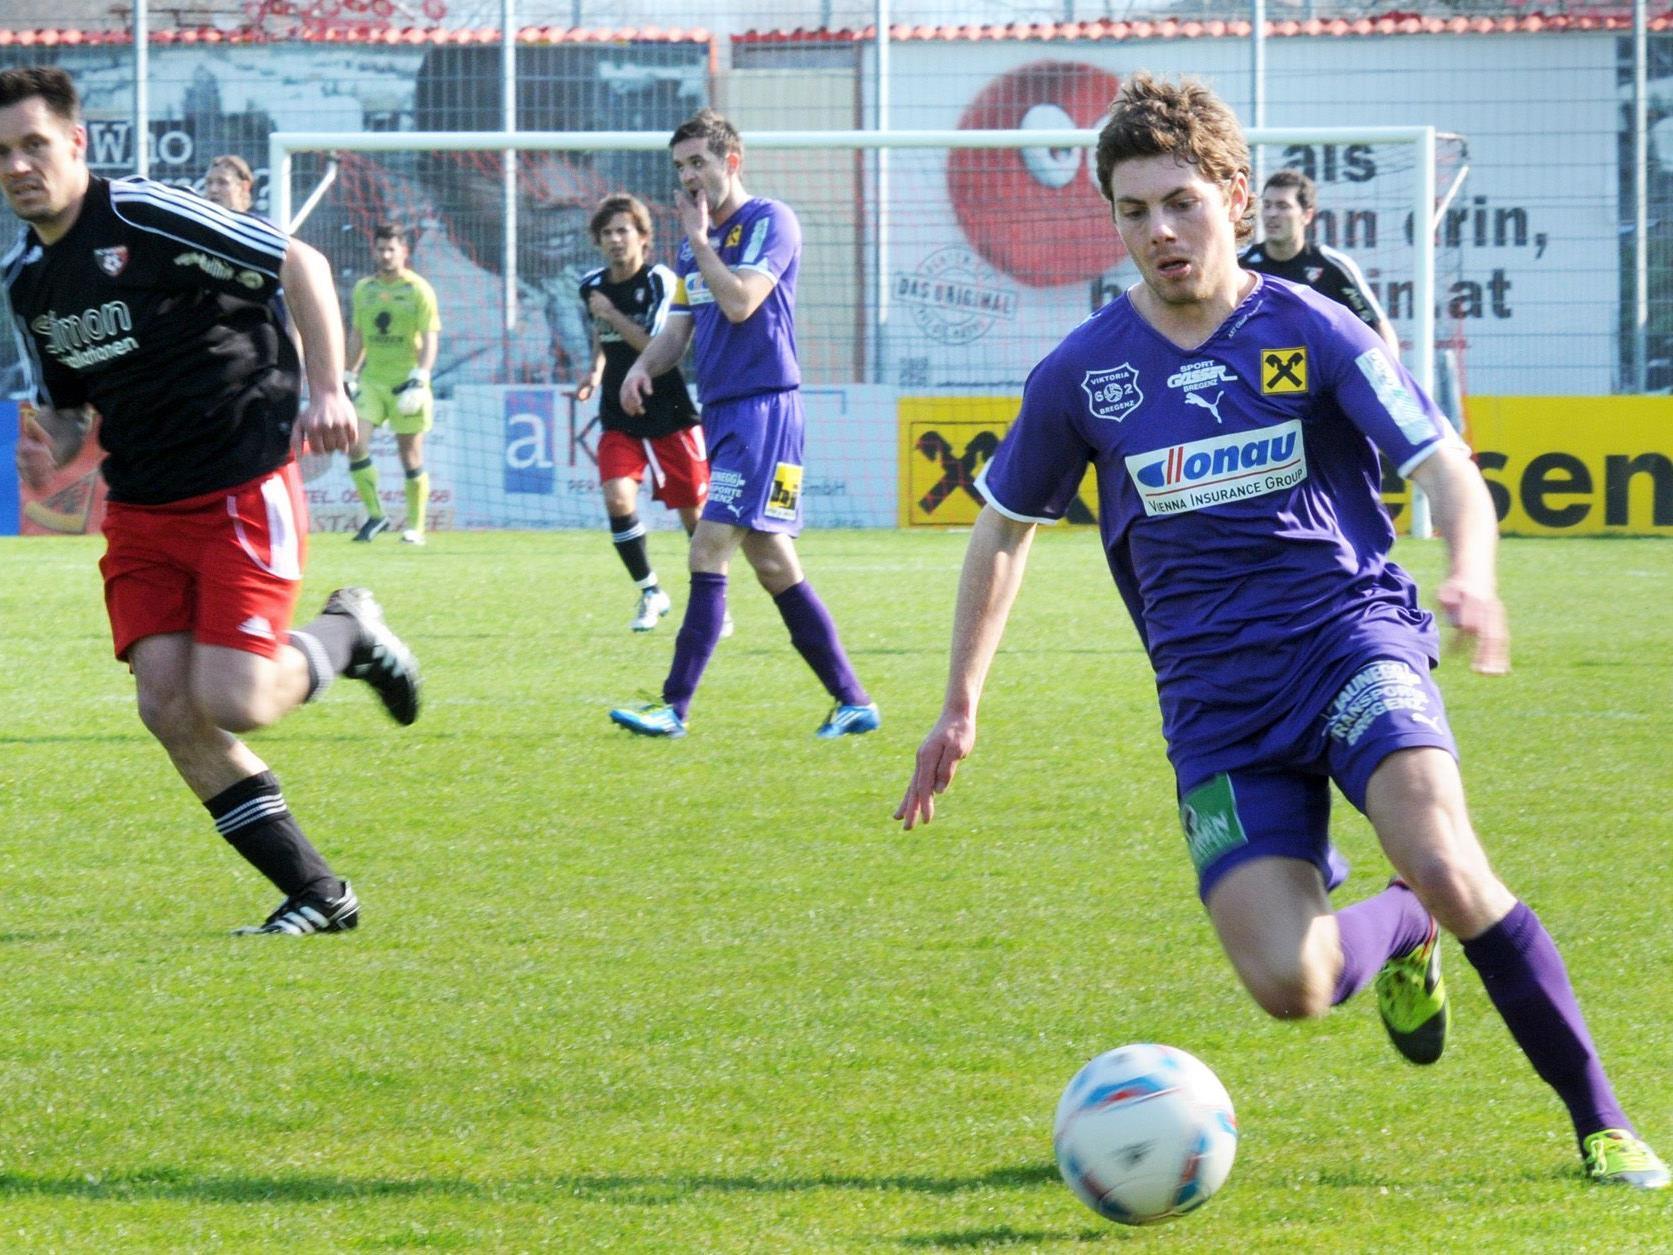 Elia Kloser glich beim Spiel in Meiningen in Minute 61 zum 2:2 für den FC Viktoria Bregenz aus.